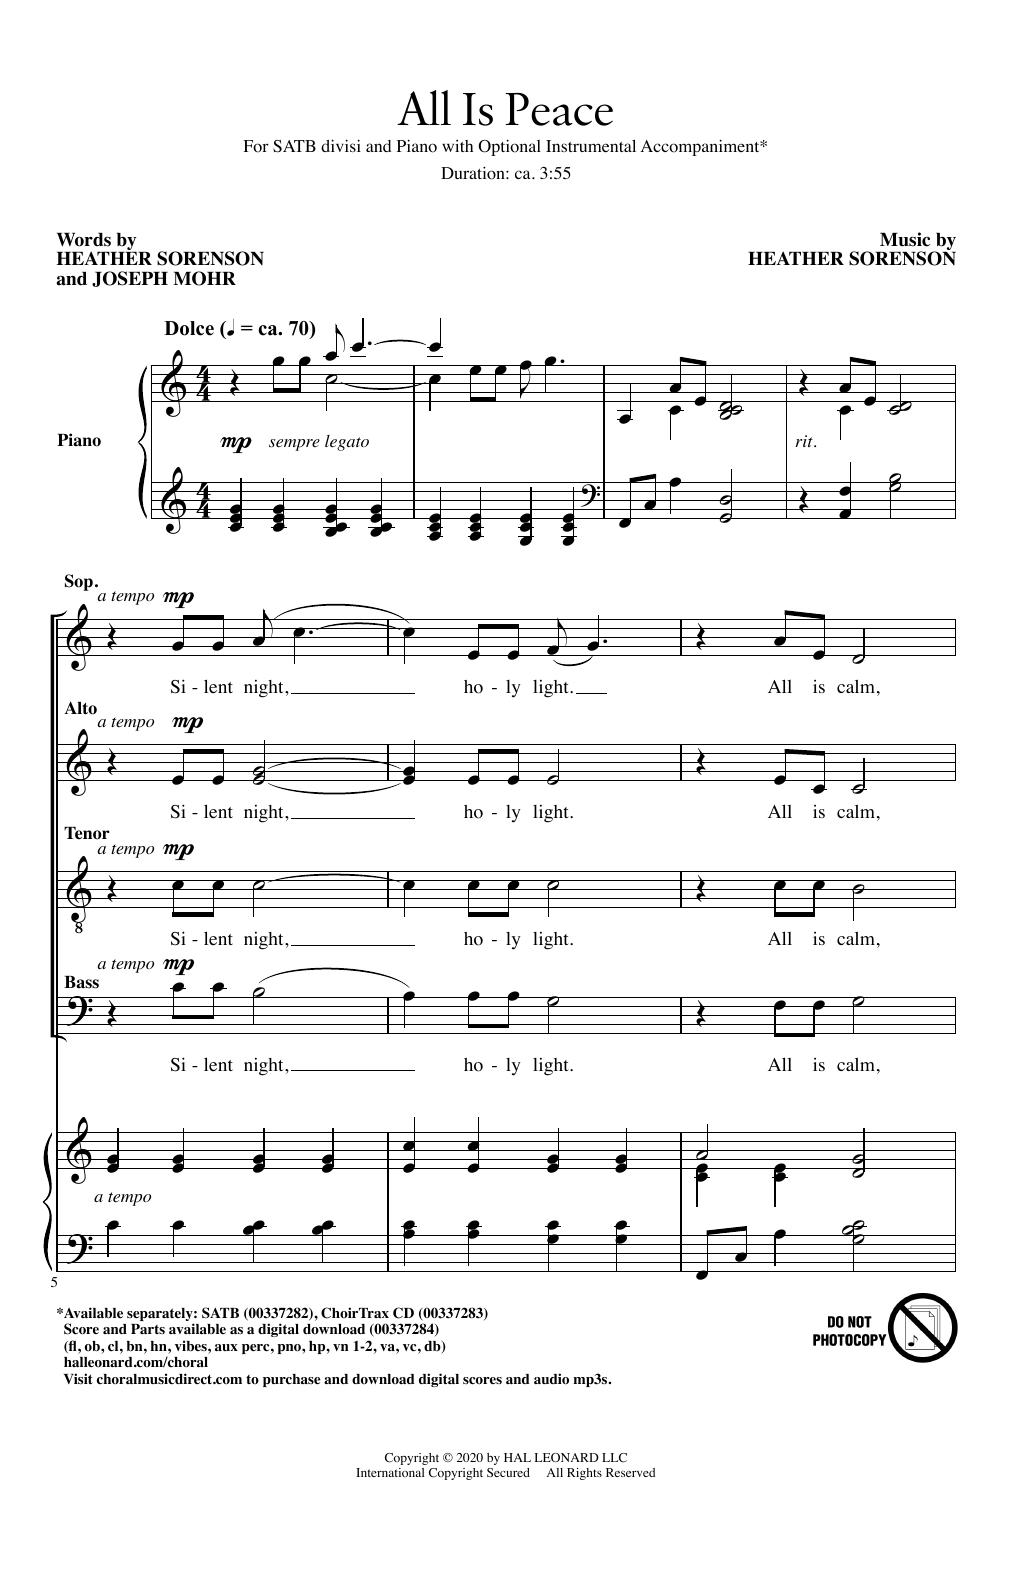 All Is Peace (SATB Choir)